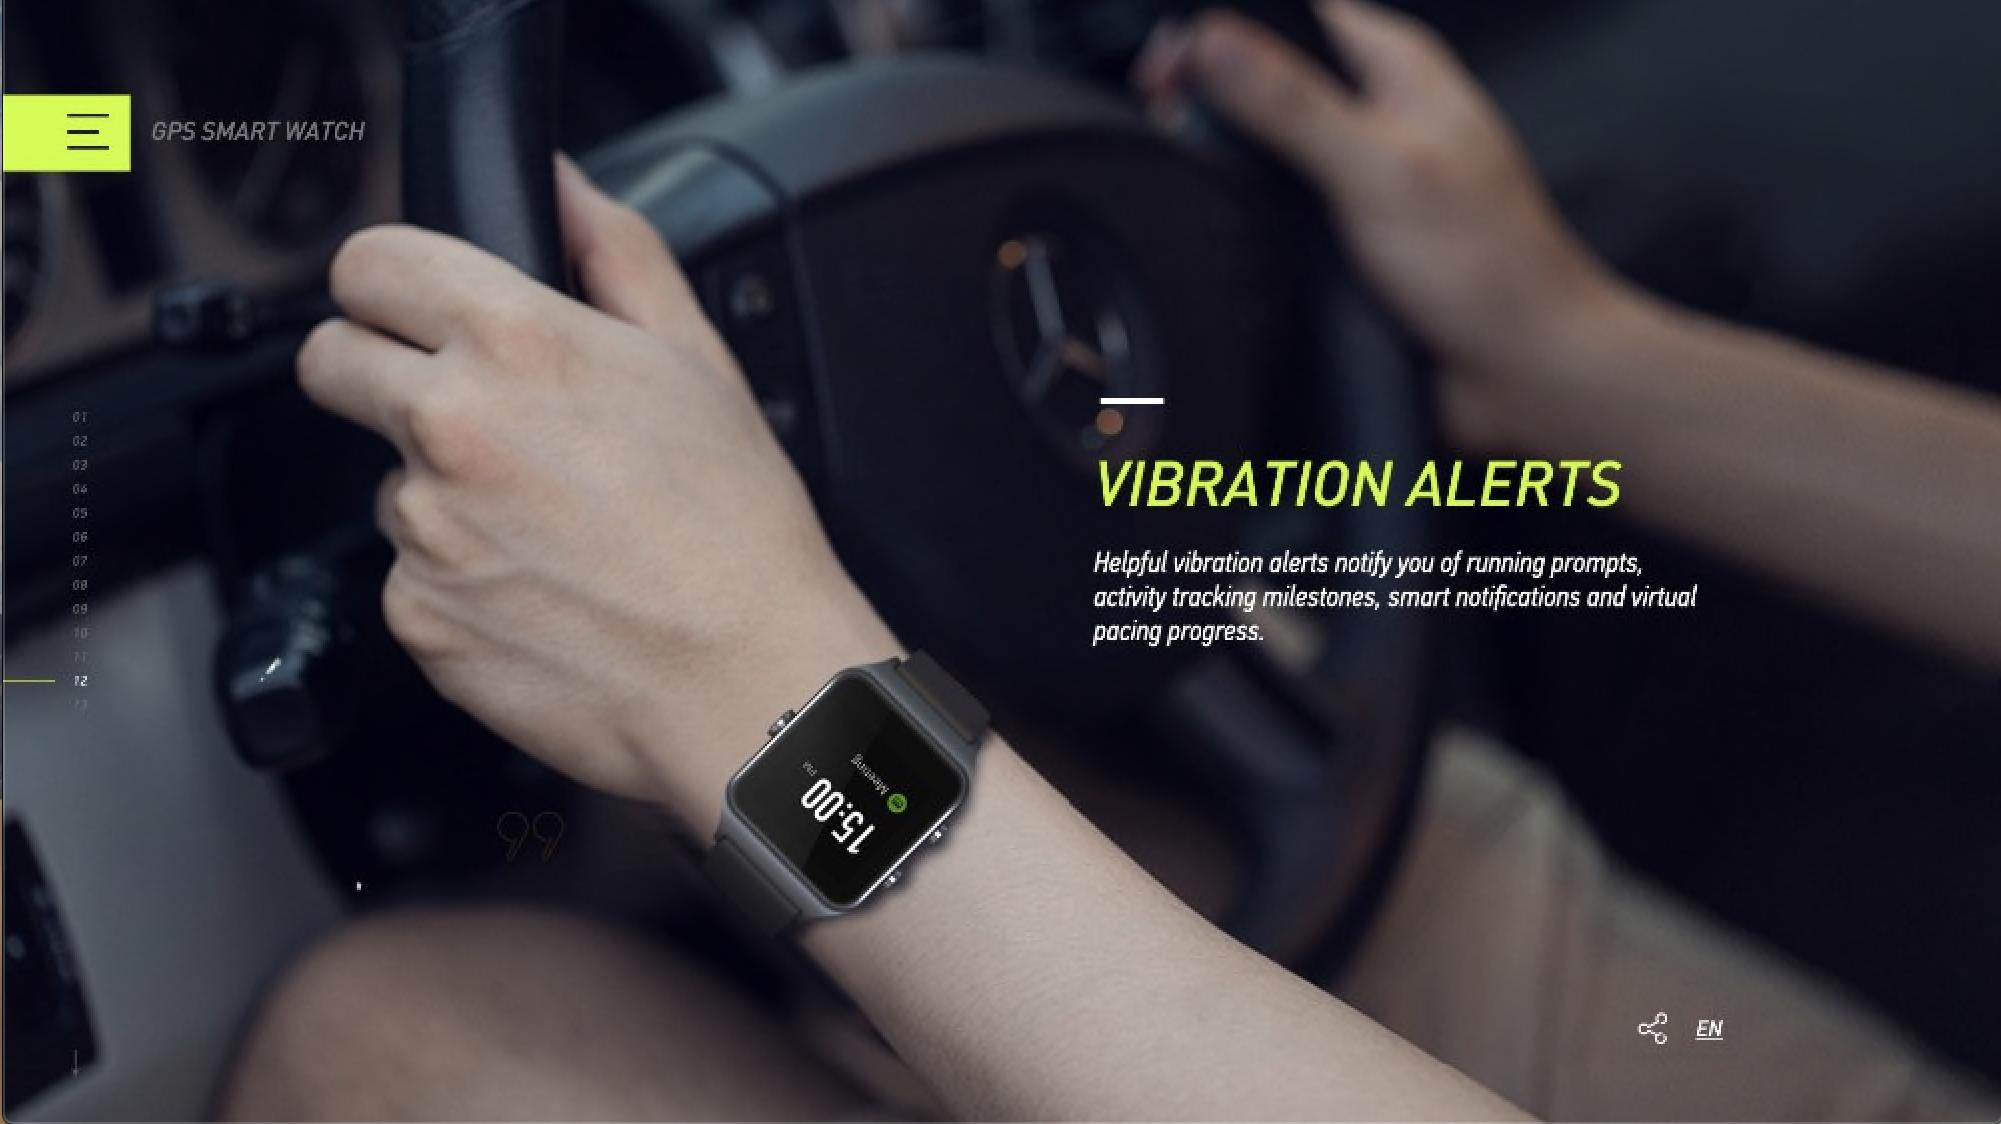 Chytré sportovní hodinky Makibes BR3 nyní v akci za pardání cenu! [sponzorovaný článek]